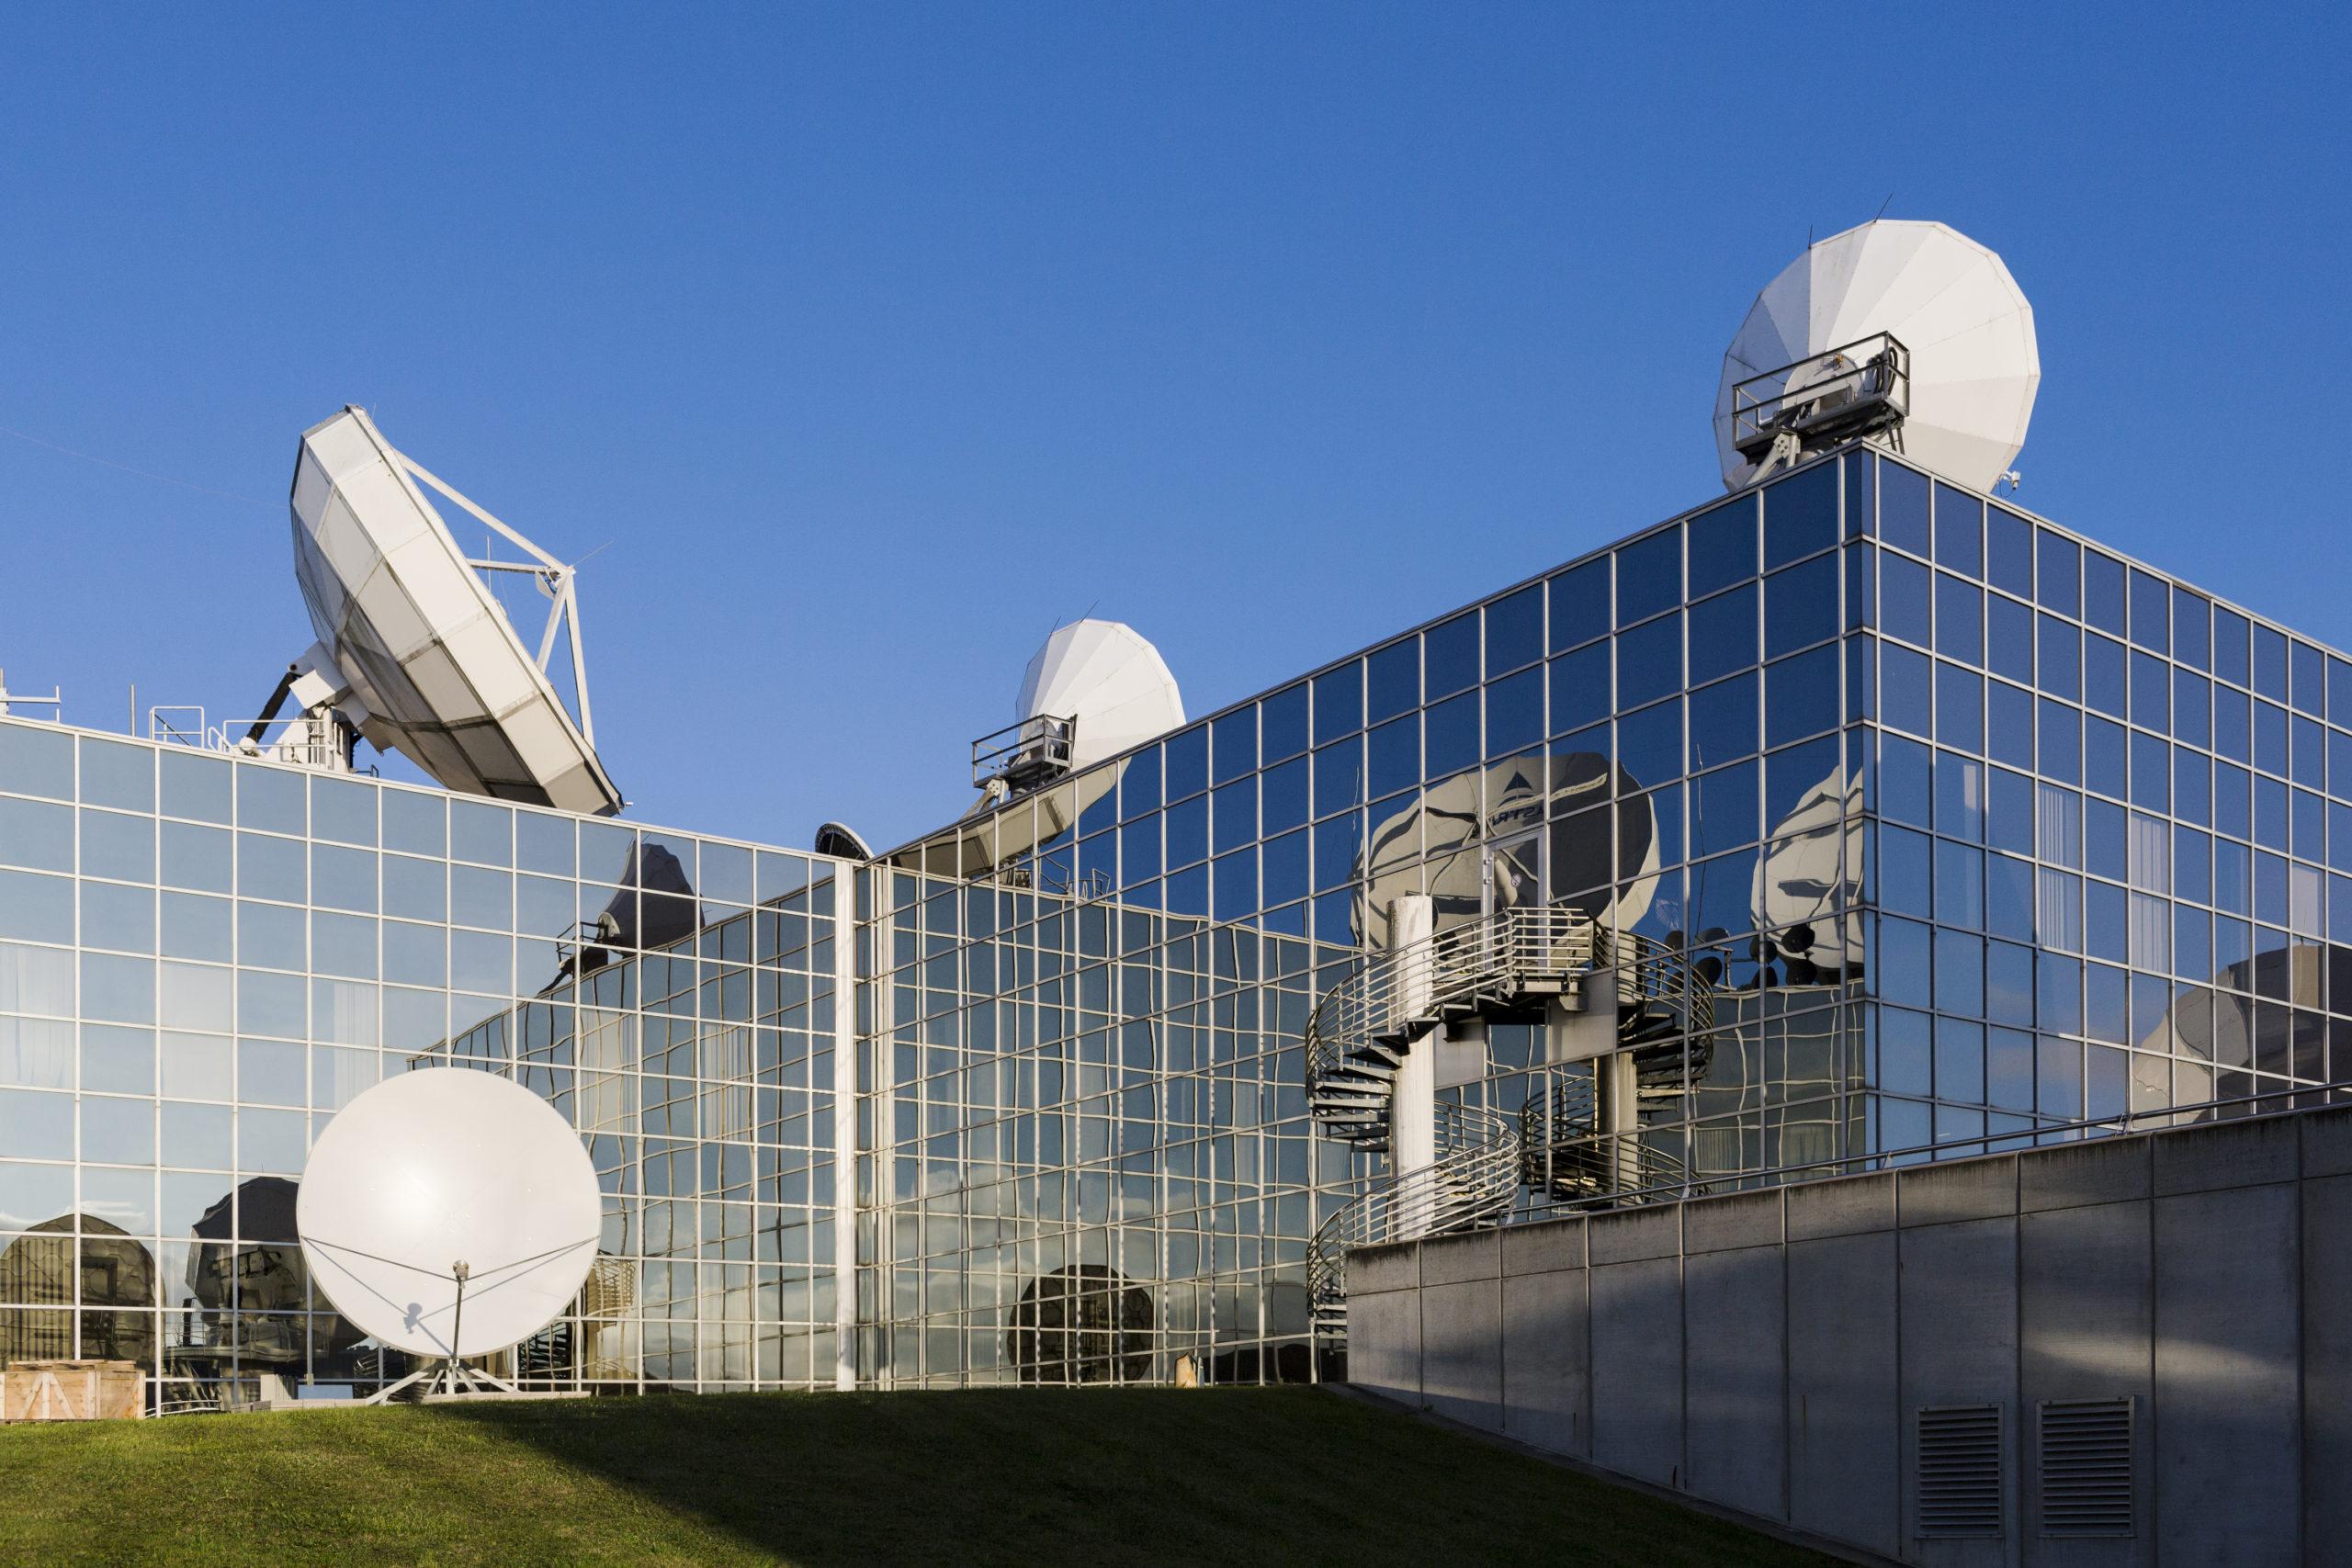 Європейські громадські мовники підписують багаторічні договори на використання потужностей SES для надання першокласних телевізійних послуг домогосподарствам